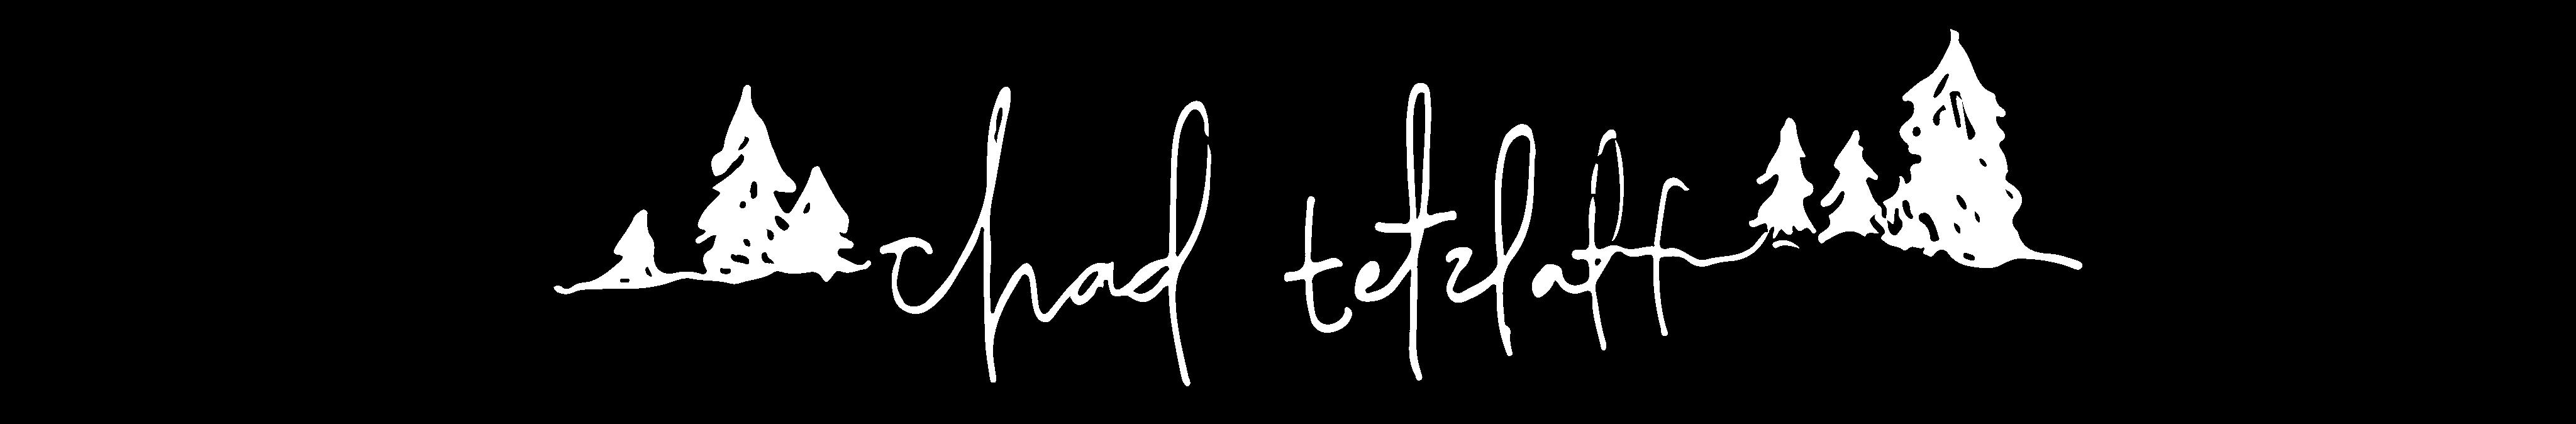 Chad Tetzlaff